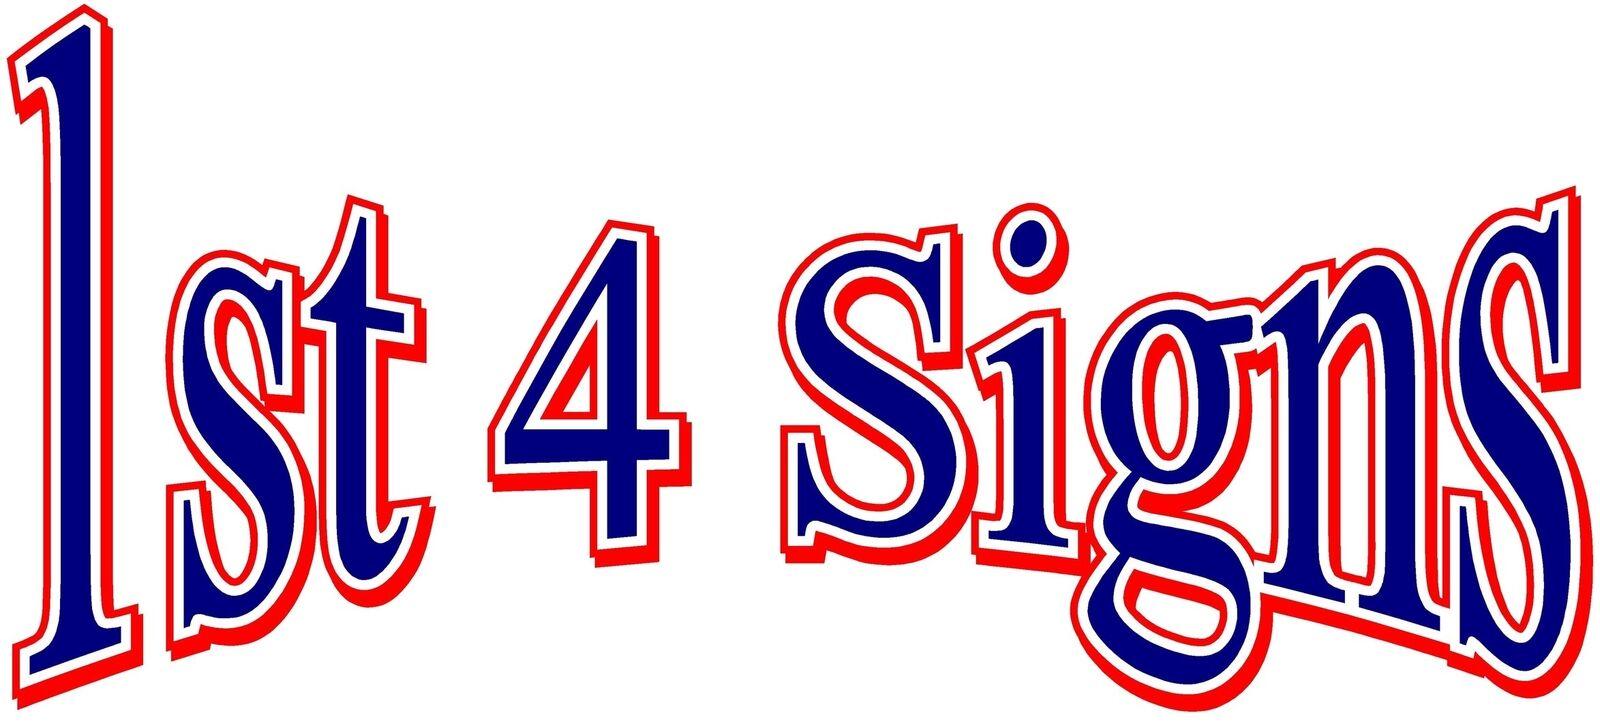 1st 4 Signs Ltd